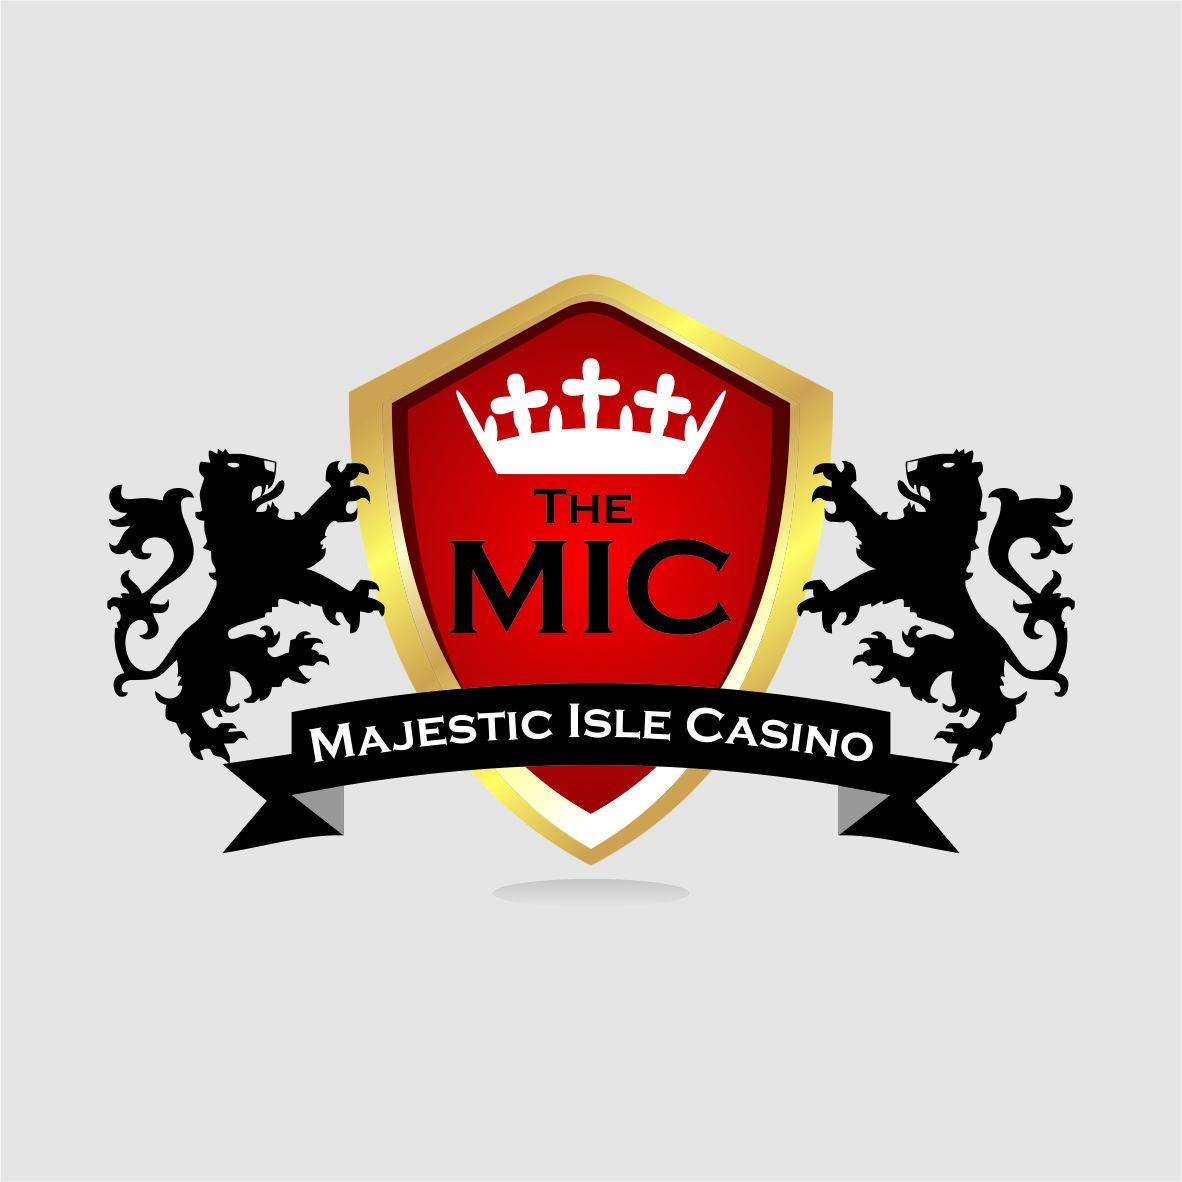 Logo Design by arteo_design - Entry No. 35 in the Logo Design Contest New Logo Design for The Majestic Isle Casino.